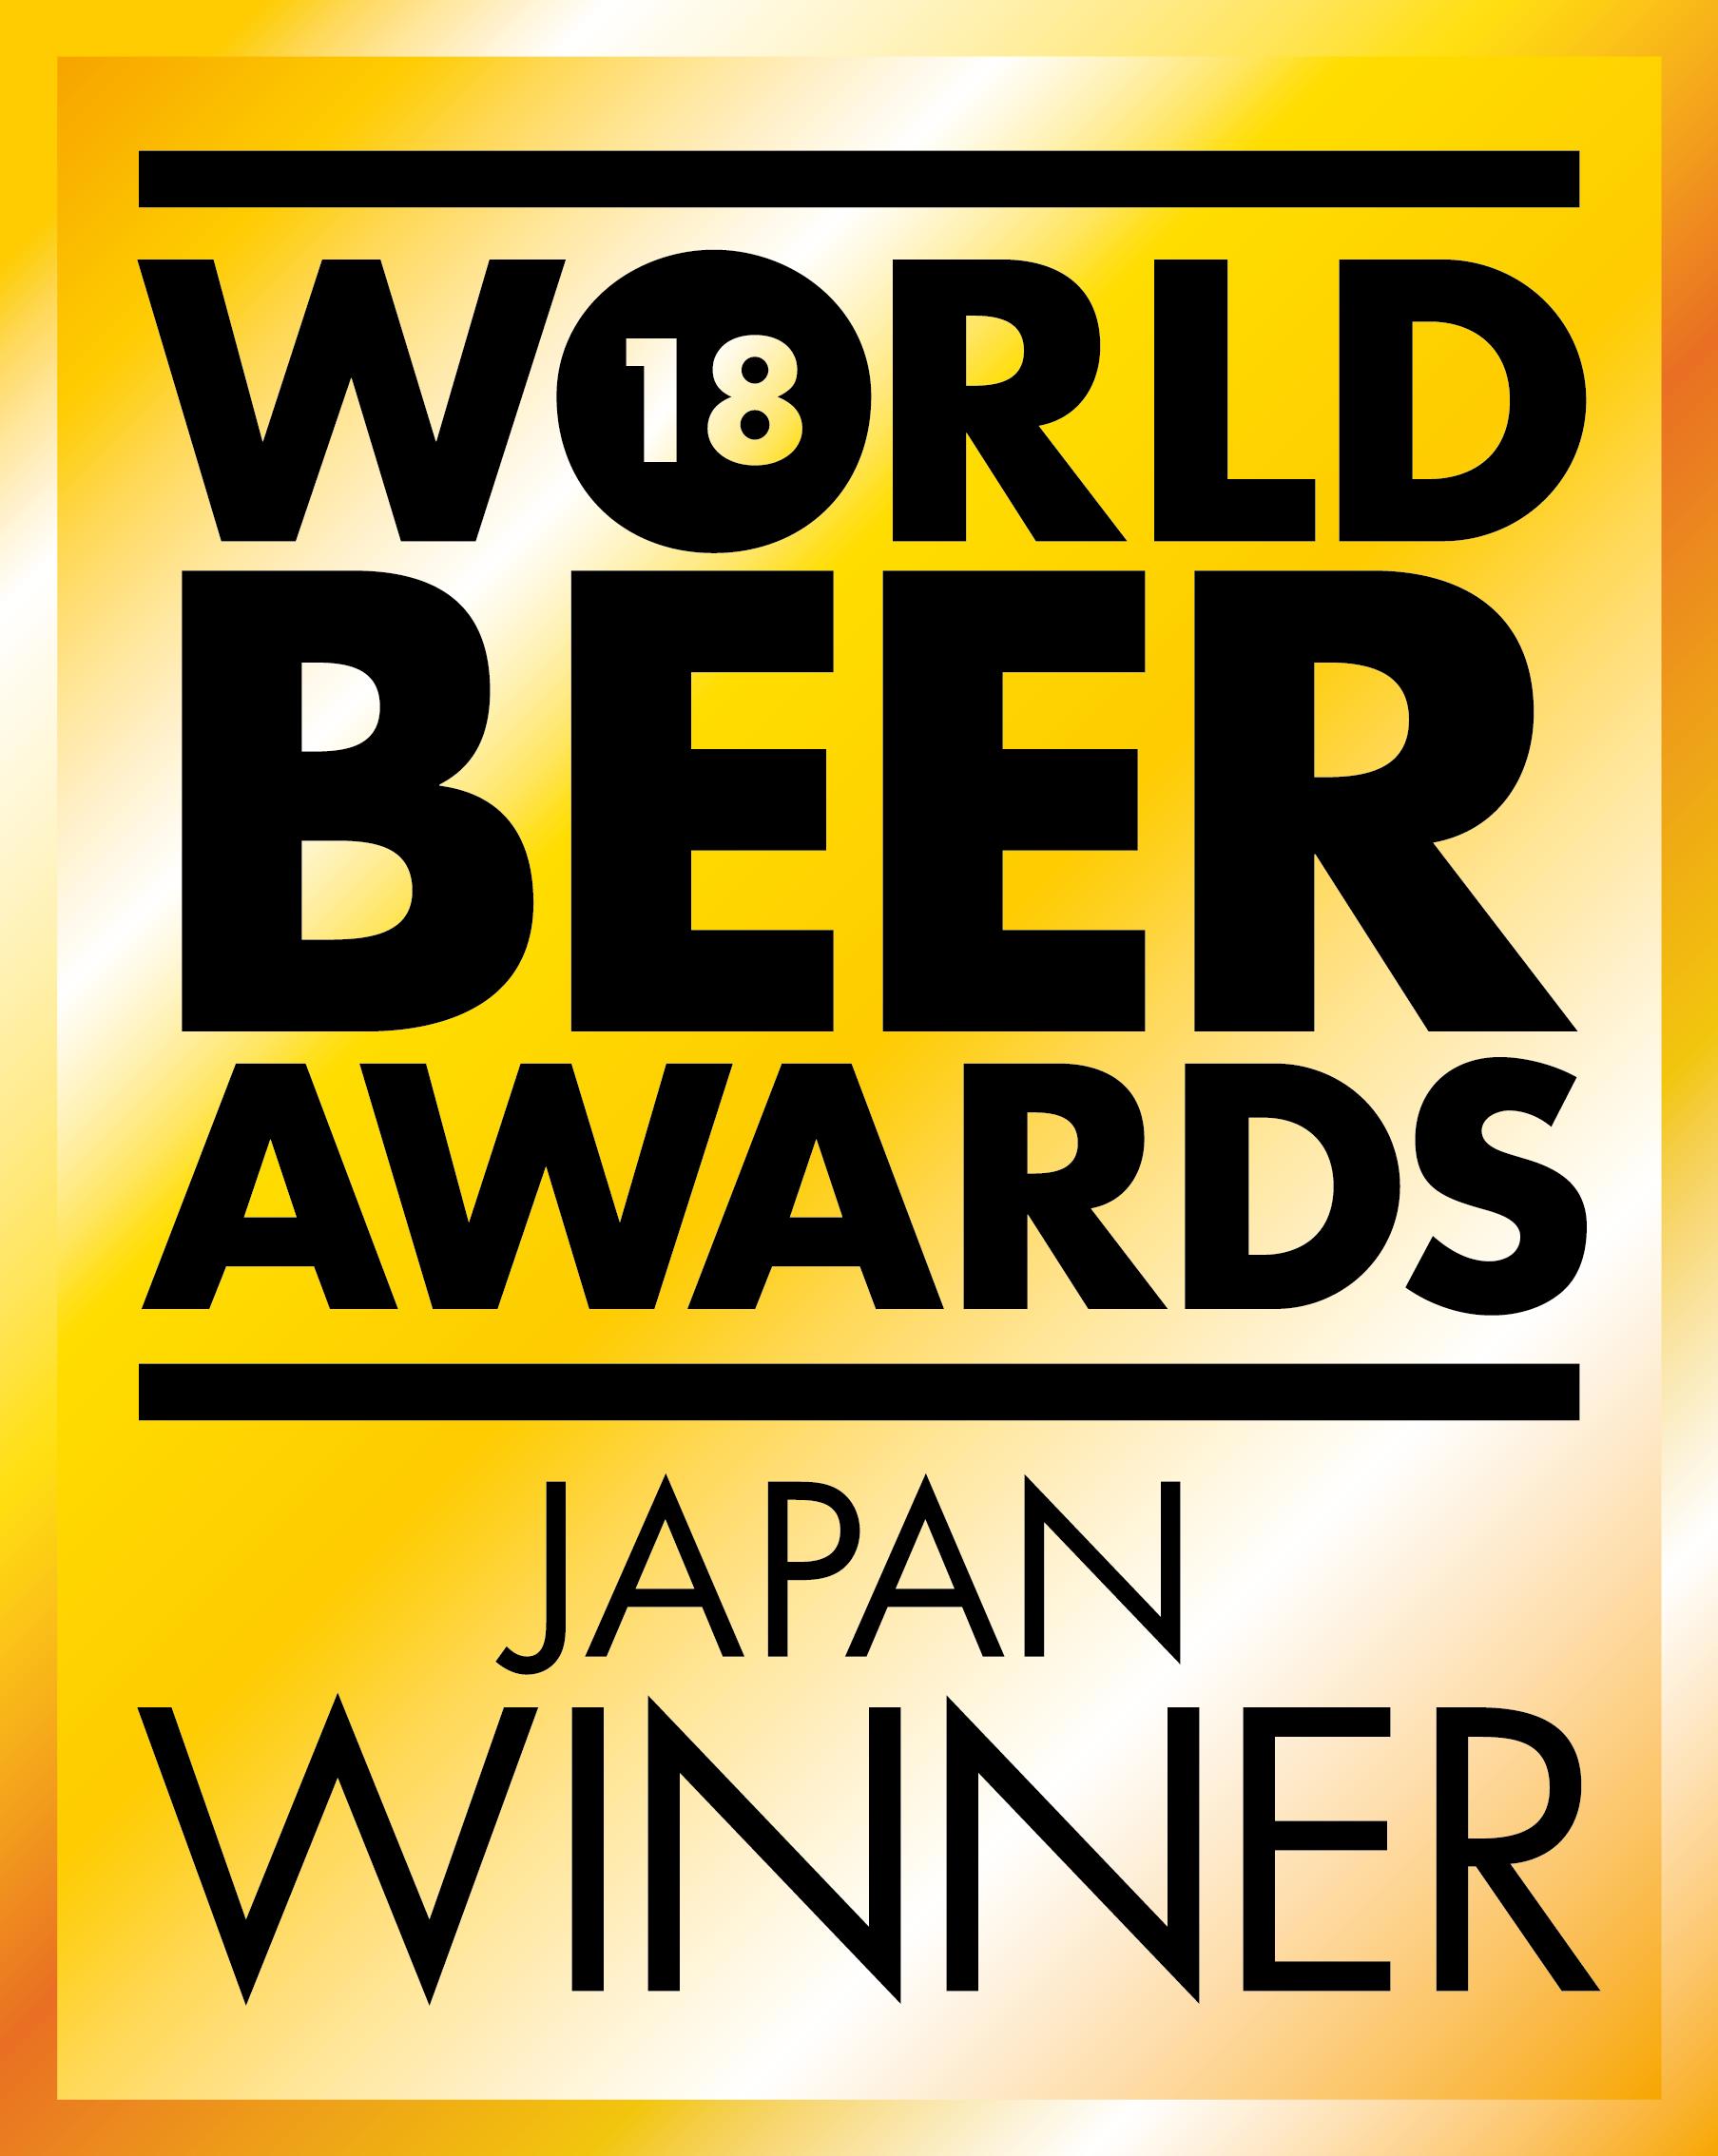 金賞受賞 地ビール <br>松江地ビール「ビアへるん」 <br>ヴァイツェン フルーティビール 300ml瓶 <br>お祝い 国産 ご当地ビール クラフトビール <br>